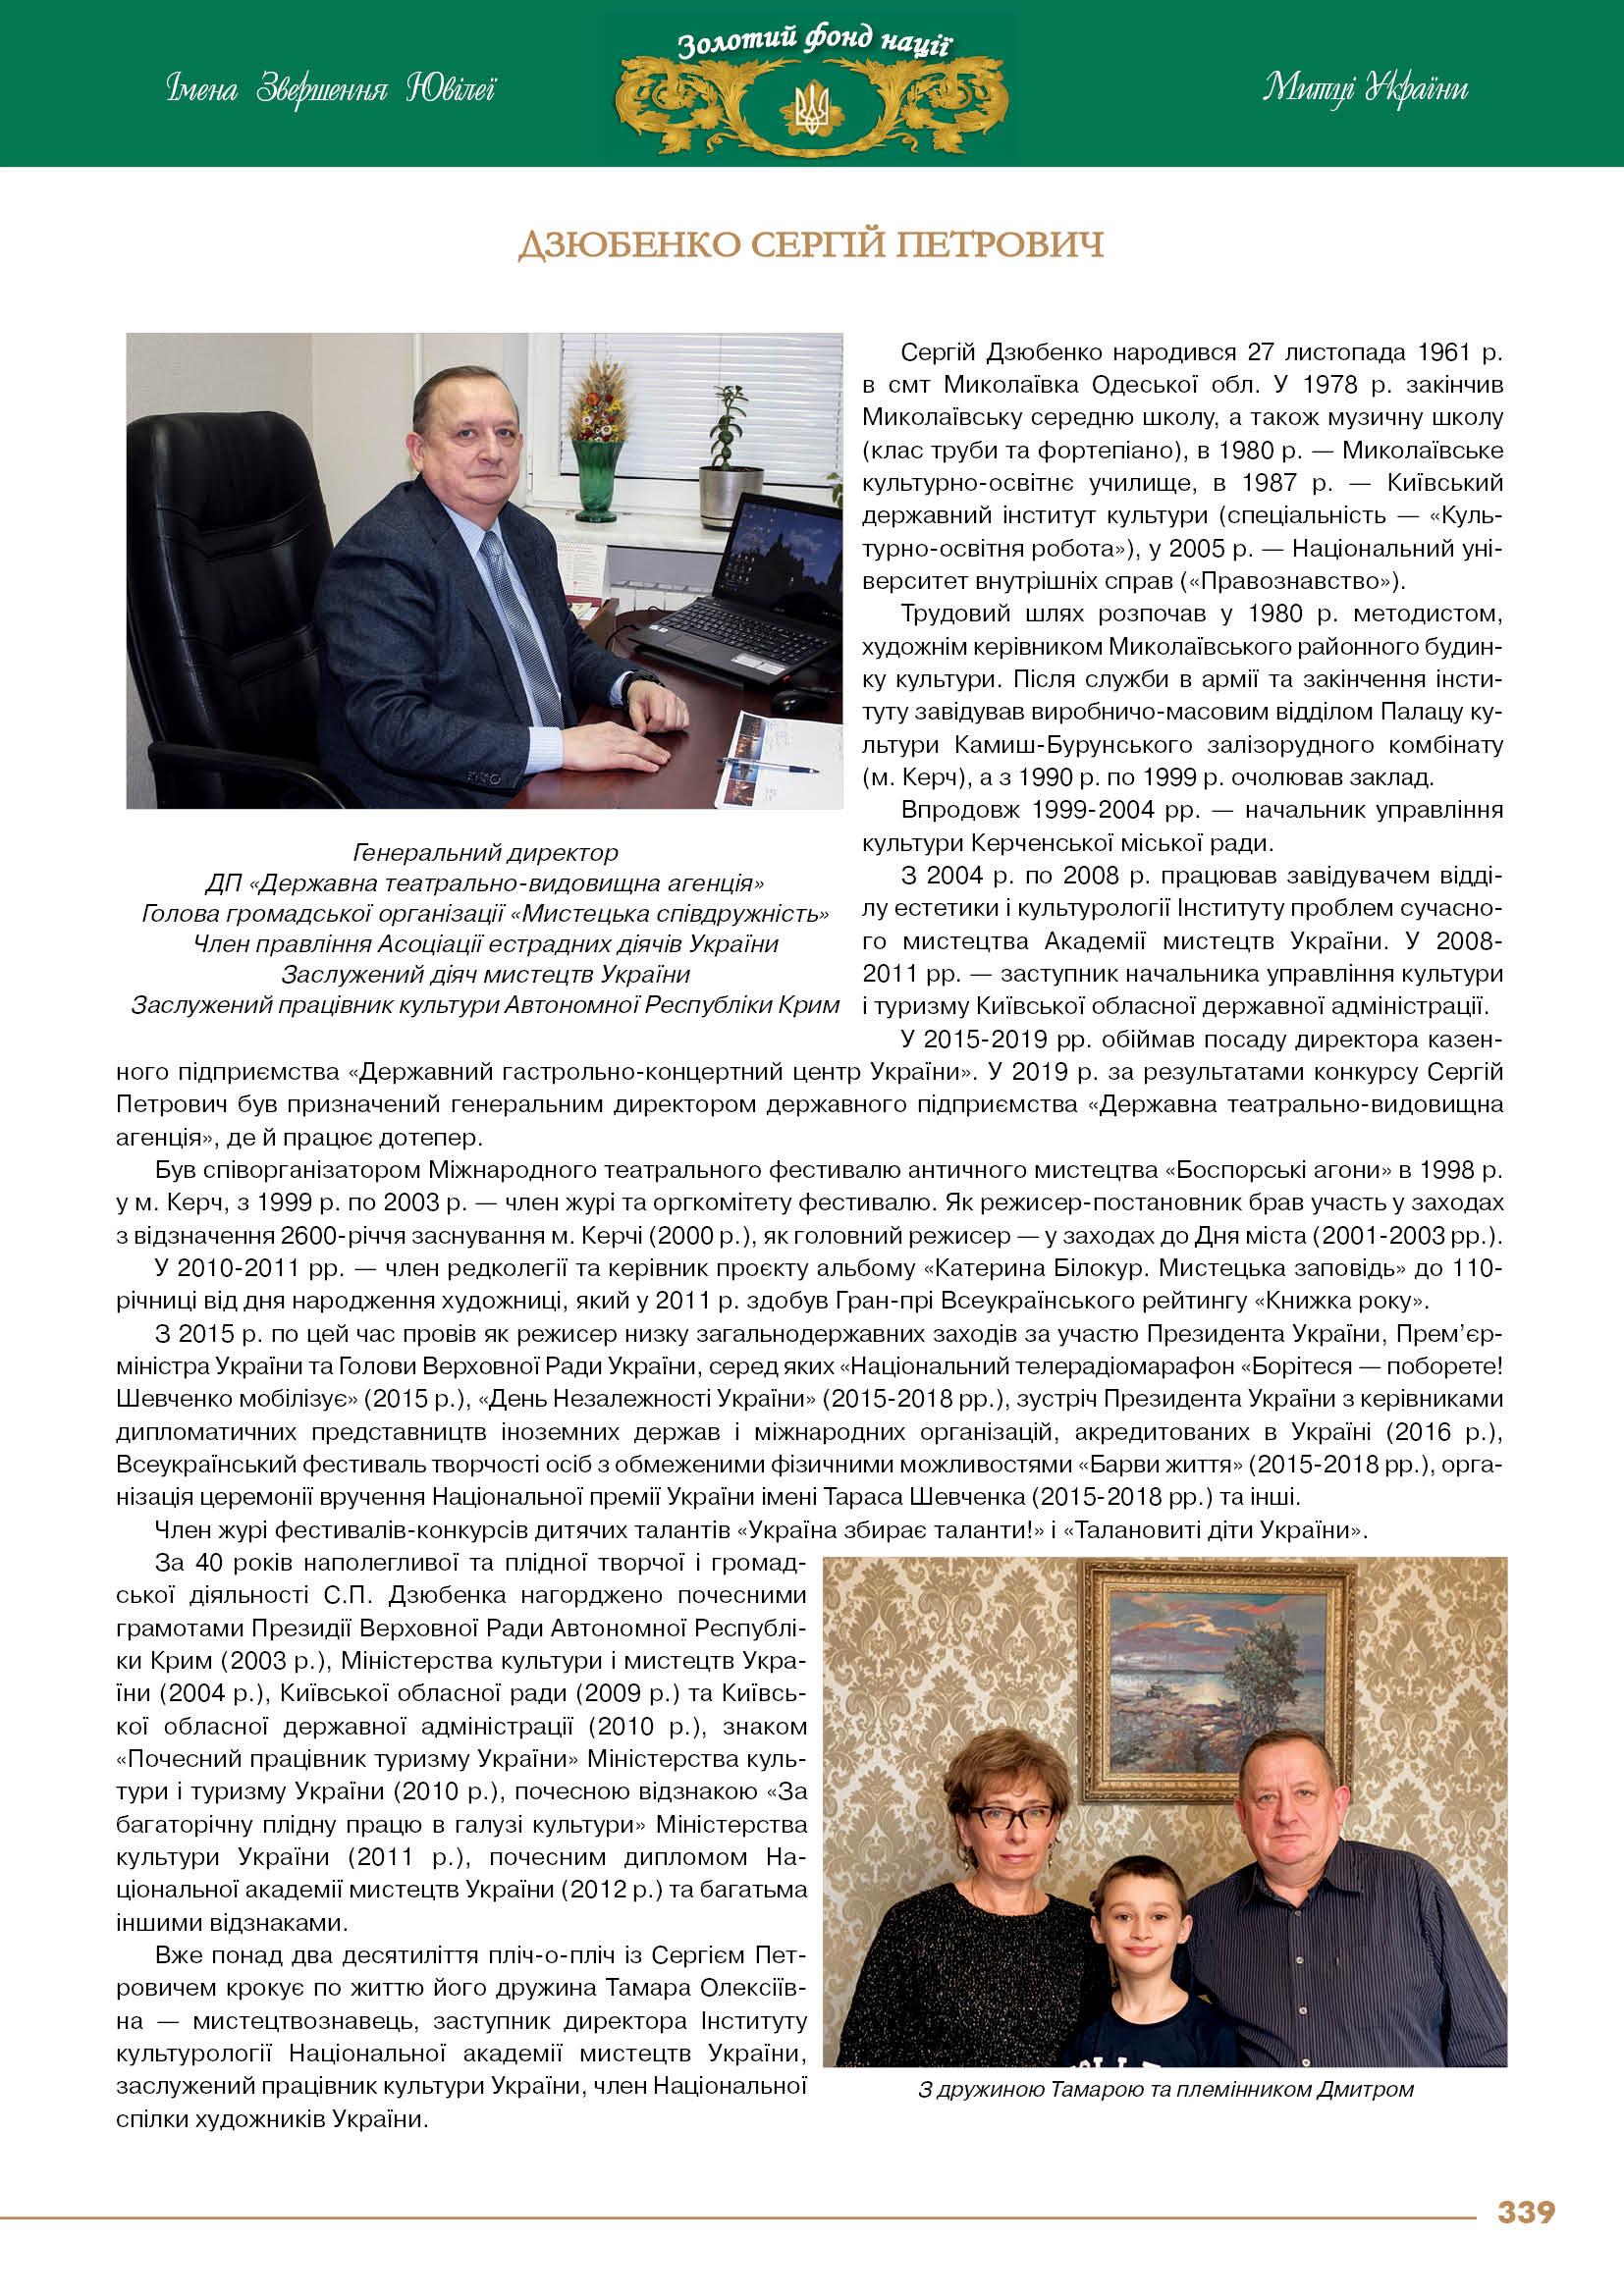 Дзюбенко Сергій Петрович